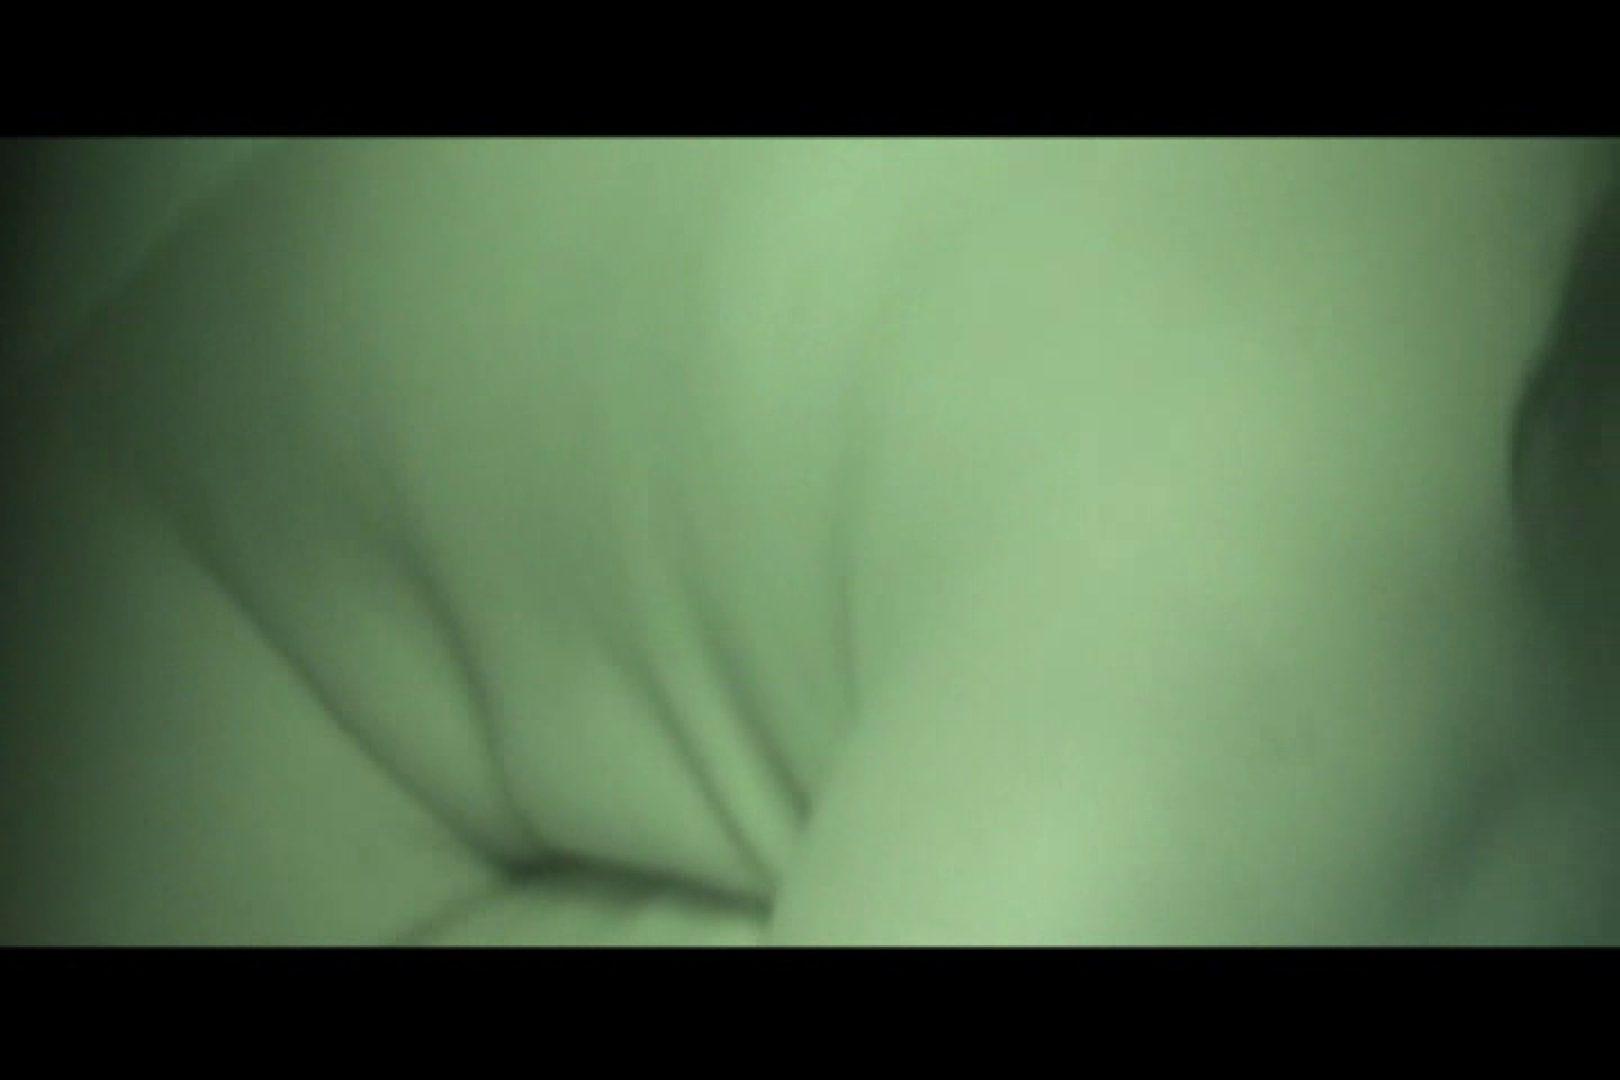 独占配信!無修正! 看護女子寮 vol.10 盗撮 おまんこ無修正動画無料 69枚 10